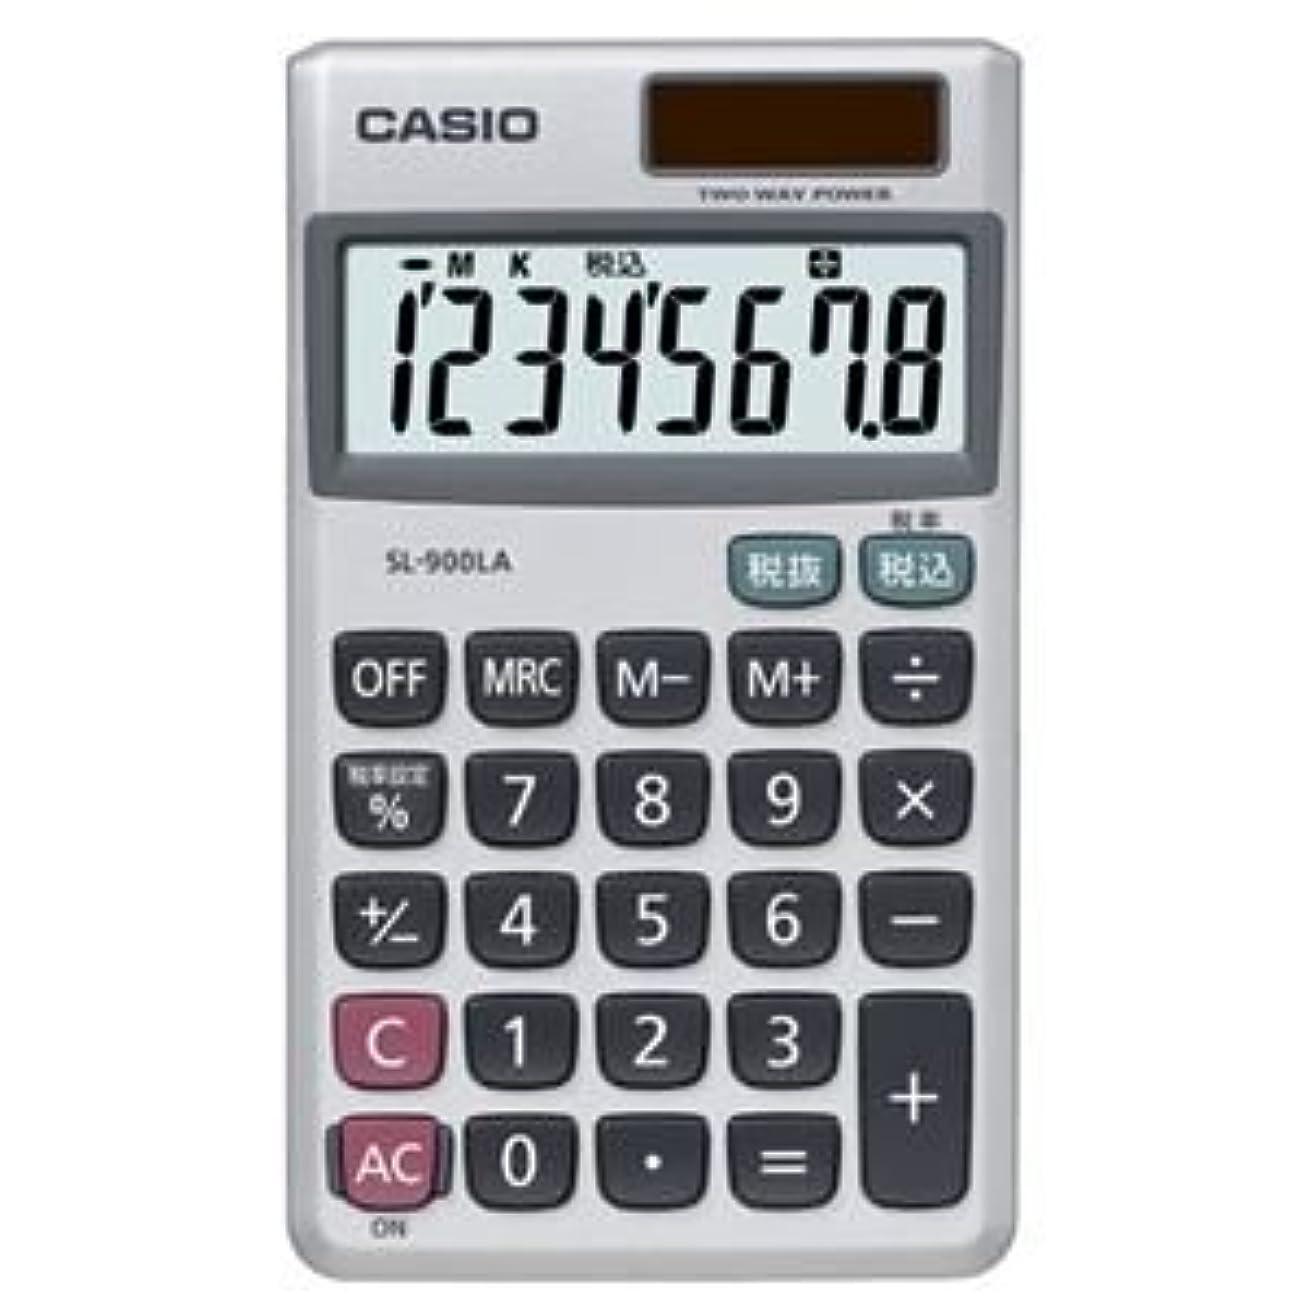 削減半導体メンダシティ(まとめ) カシオ CASIO 電卓 8桁 手帳サイズ SL-900LA-N 1台 【×5セット】